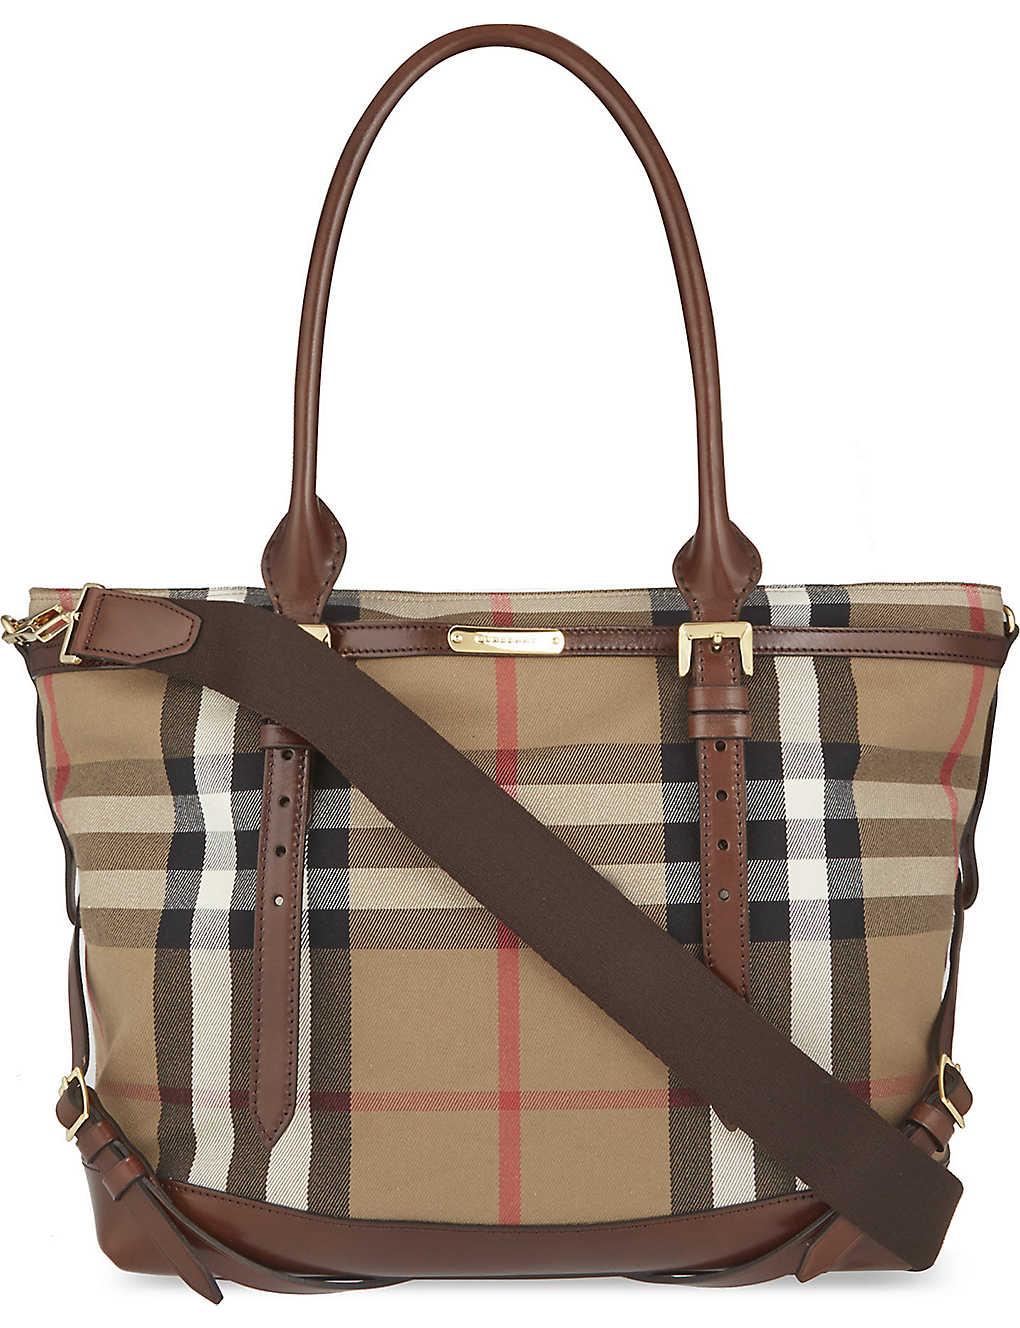 053ece94a944 BURBERRY - Check changing bag | Selfridges.com